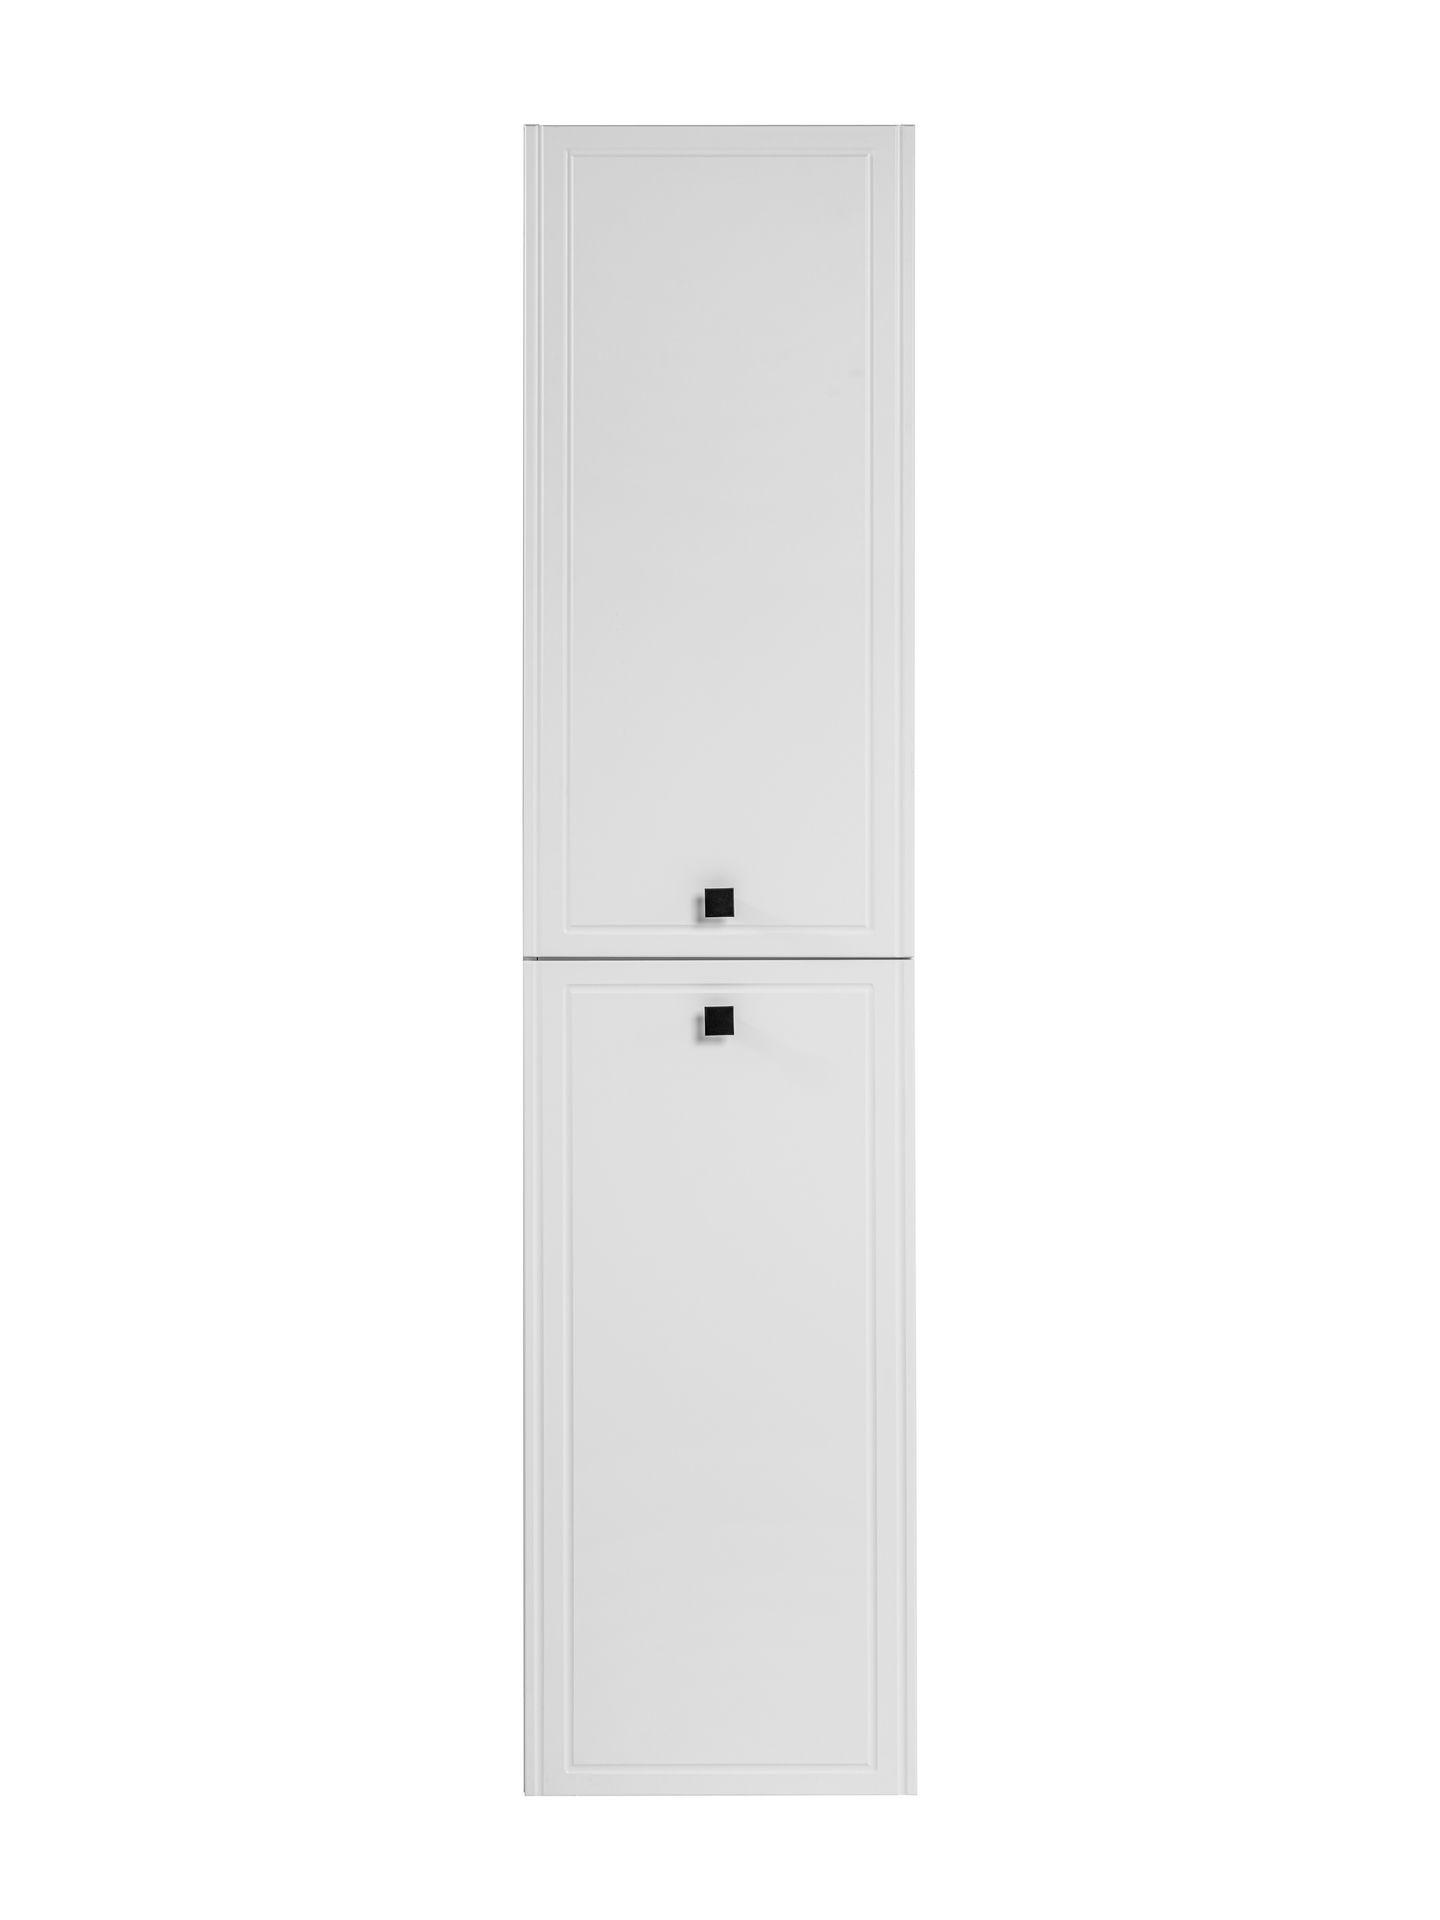 ArtCom Kúpeľňová zostava HAVANA White Havana: Vysoká skrinka Havana 80-01 - 170 x 40 x 33 cm